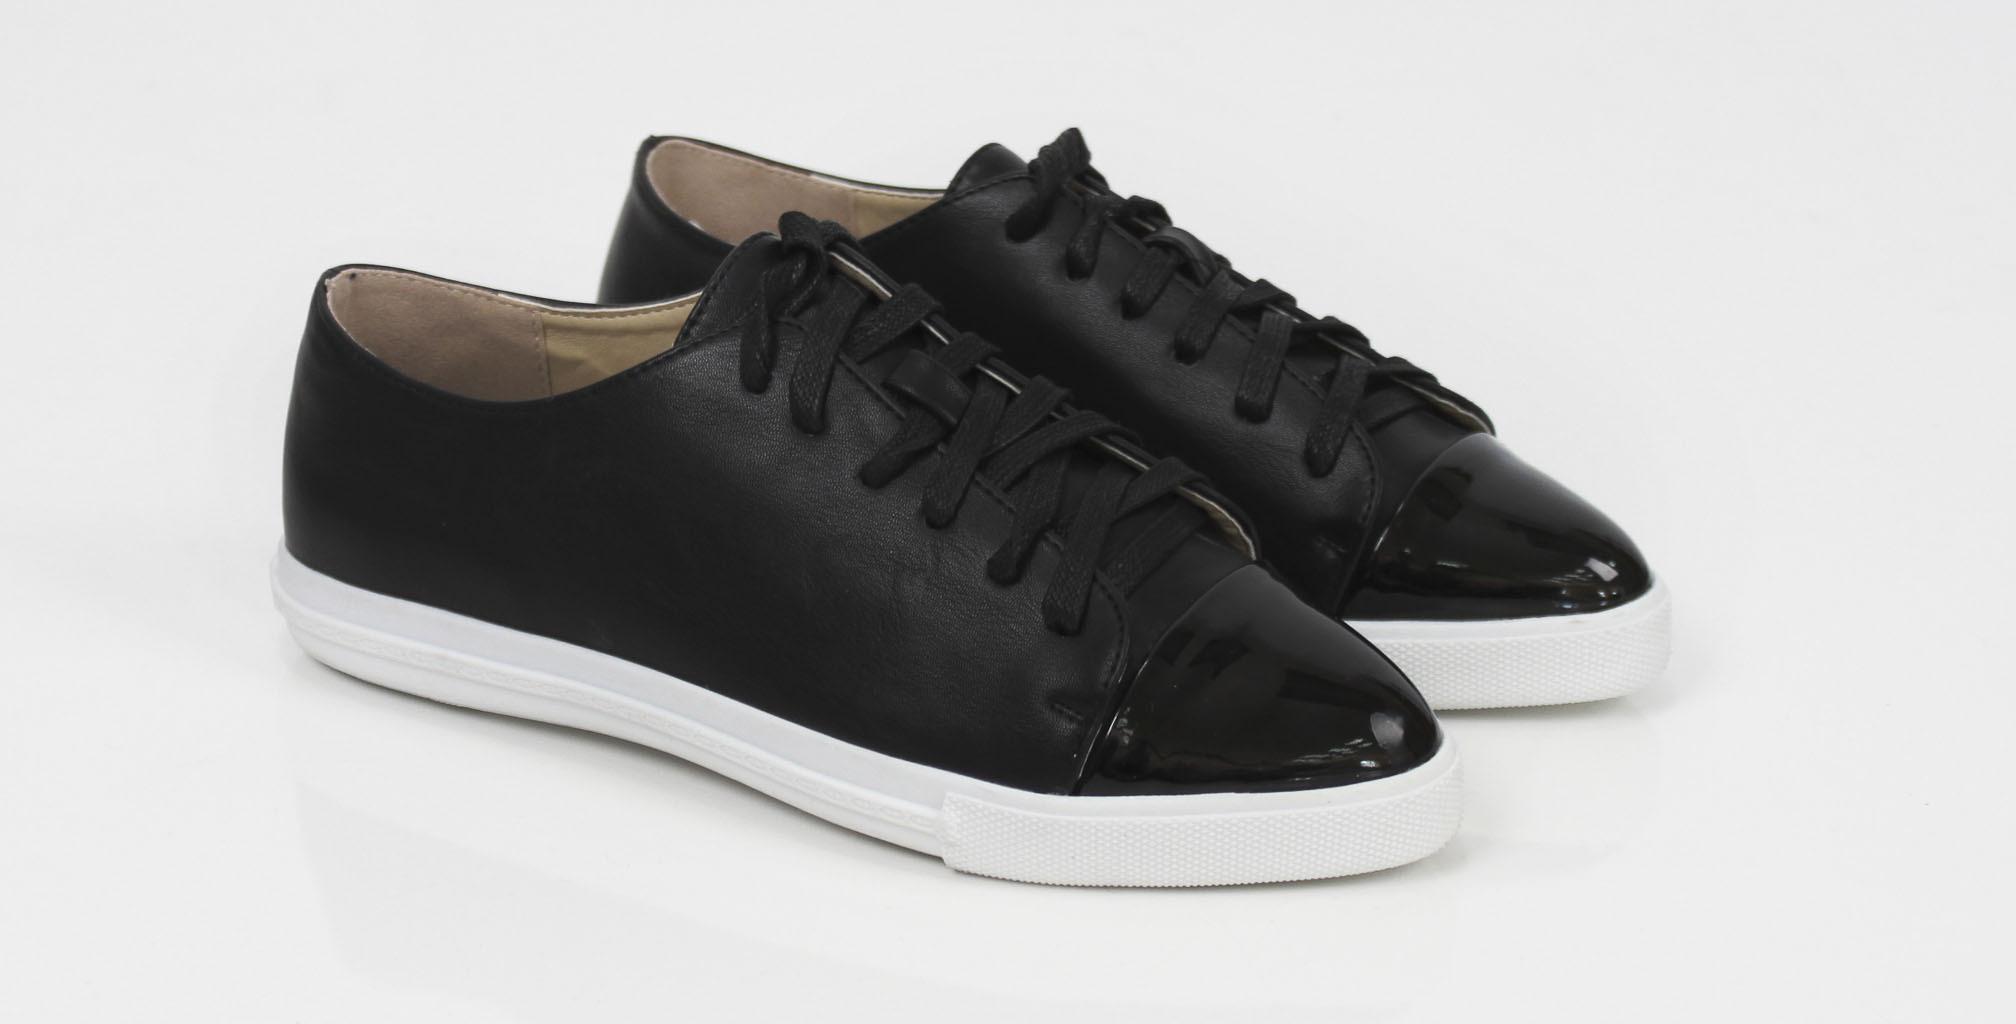 Buty nie tylko podkreślają fason ubrania, muszą także harmonizować ze stylem życia. Dlatego koniecznie powinnaś rozważyć, czy szukasz wygodnych butów na płaskich podeszwach, na eleganckich szpilkach, kobiecych platformach czy stabilnych koturnach.